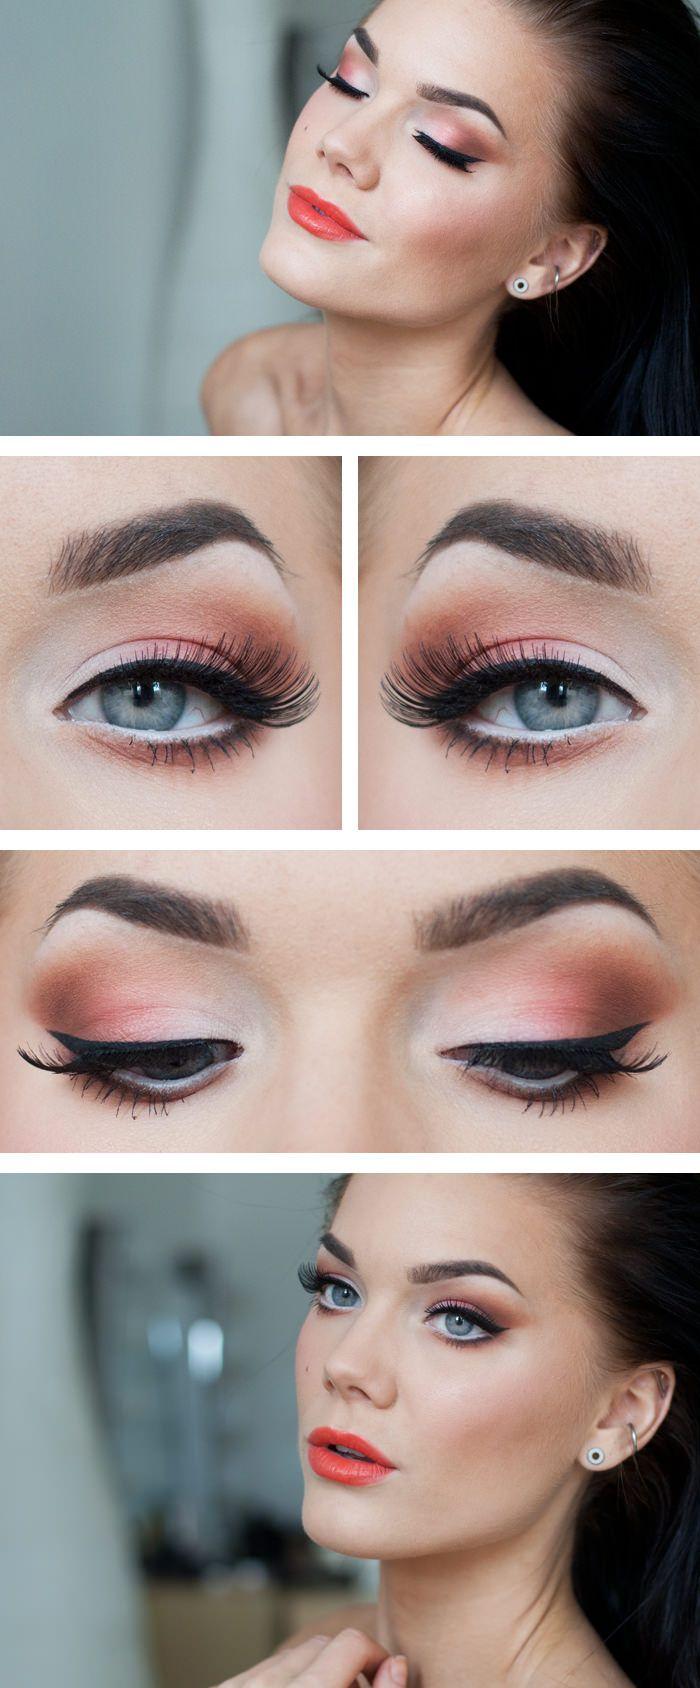 #maquillaje para unos ojos perfectos #SoyModa